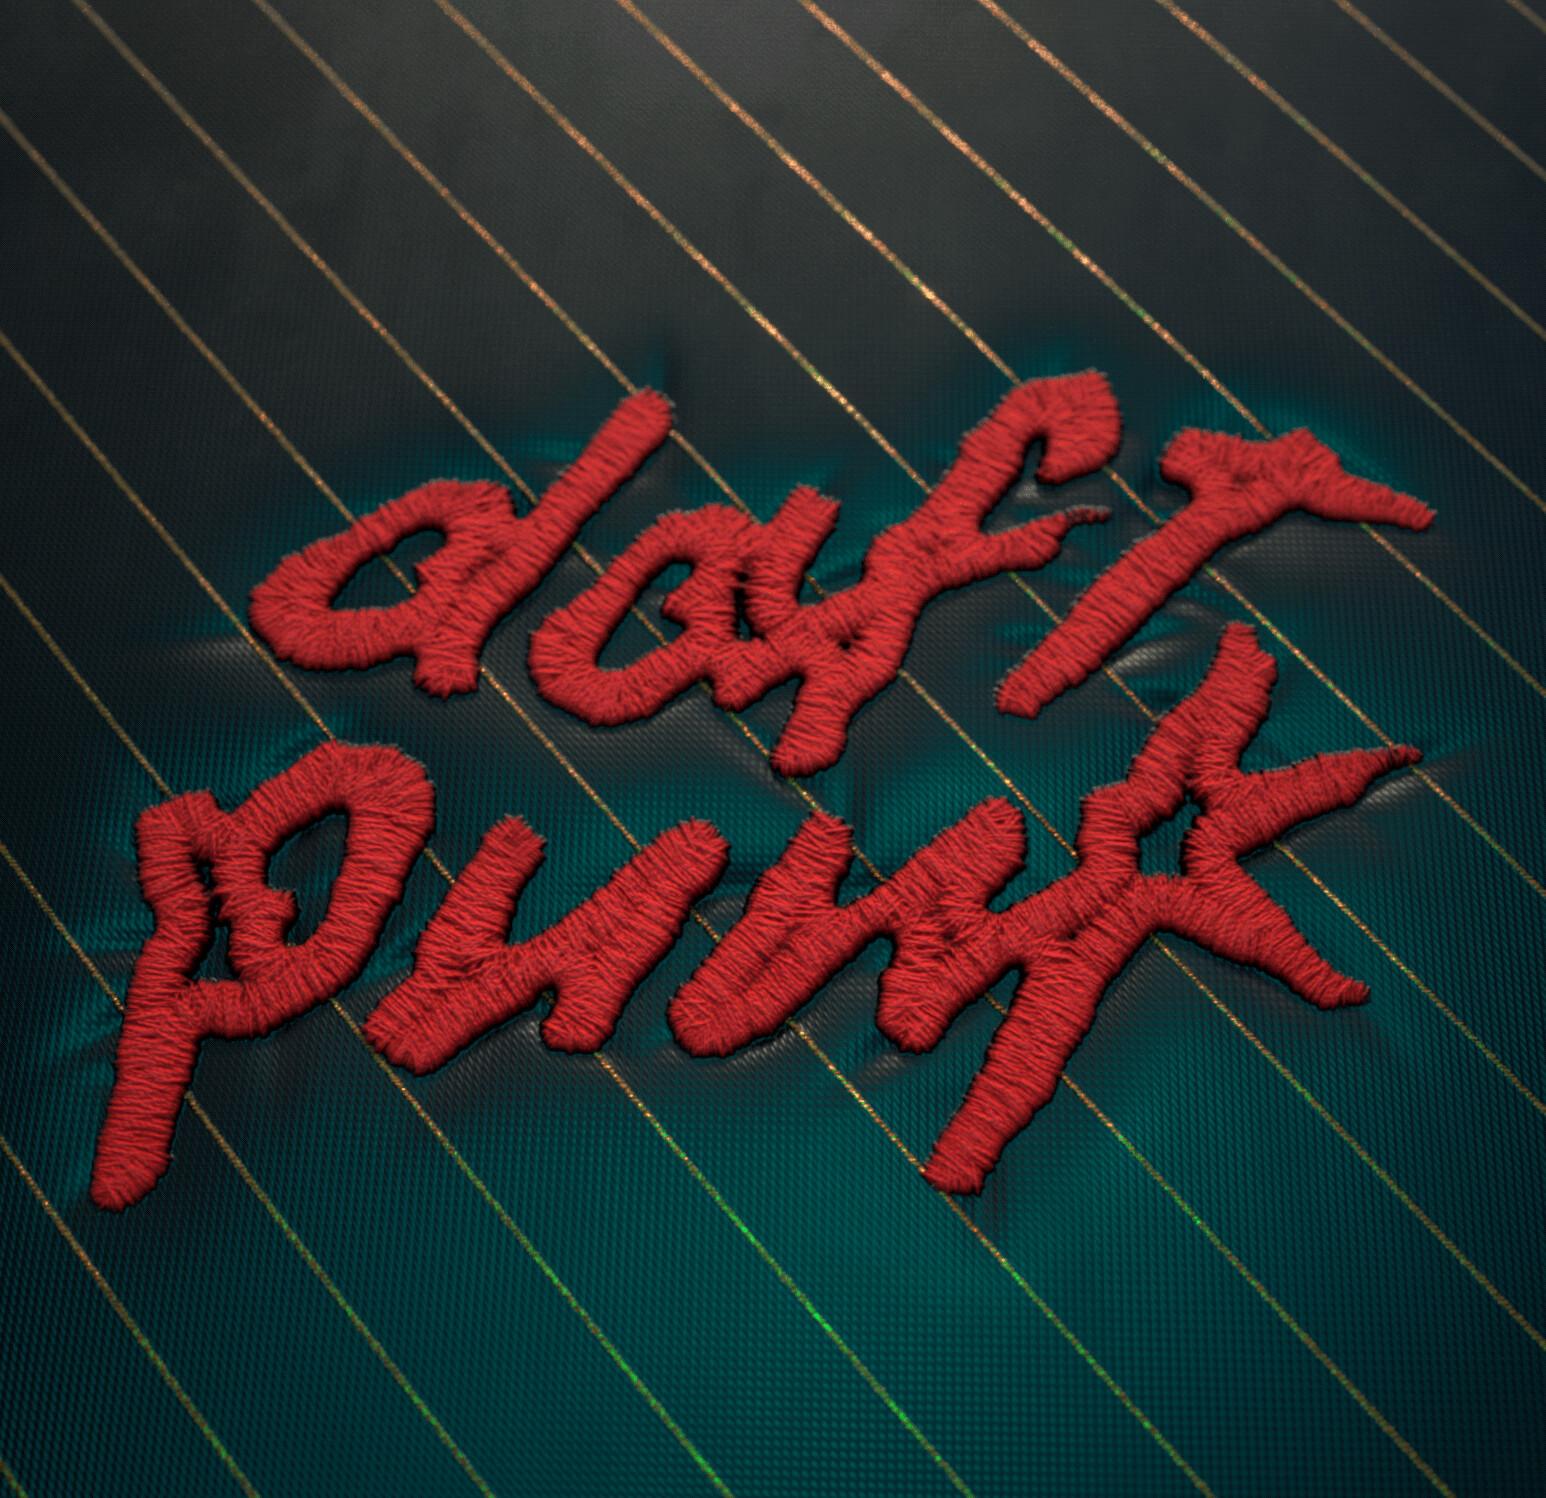 Daft Punk Logo as Input